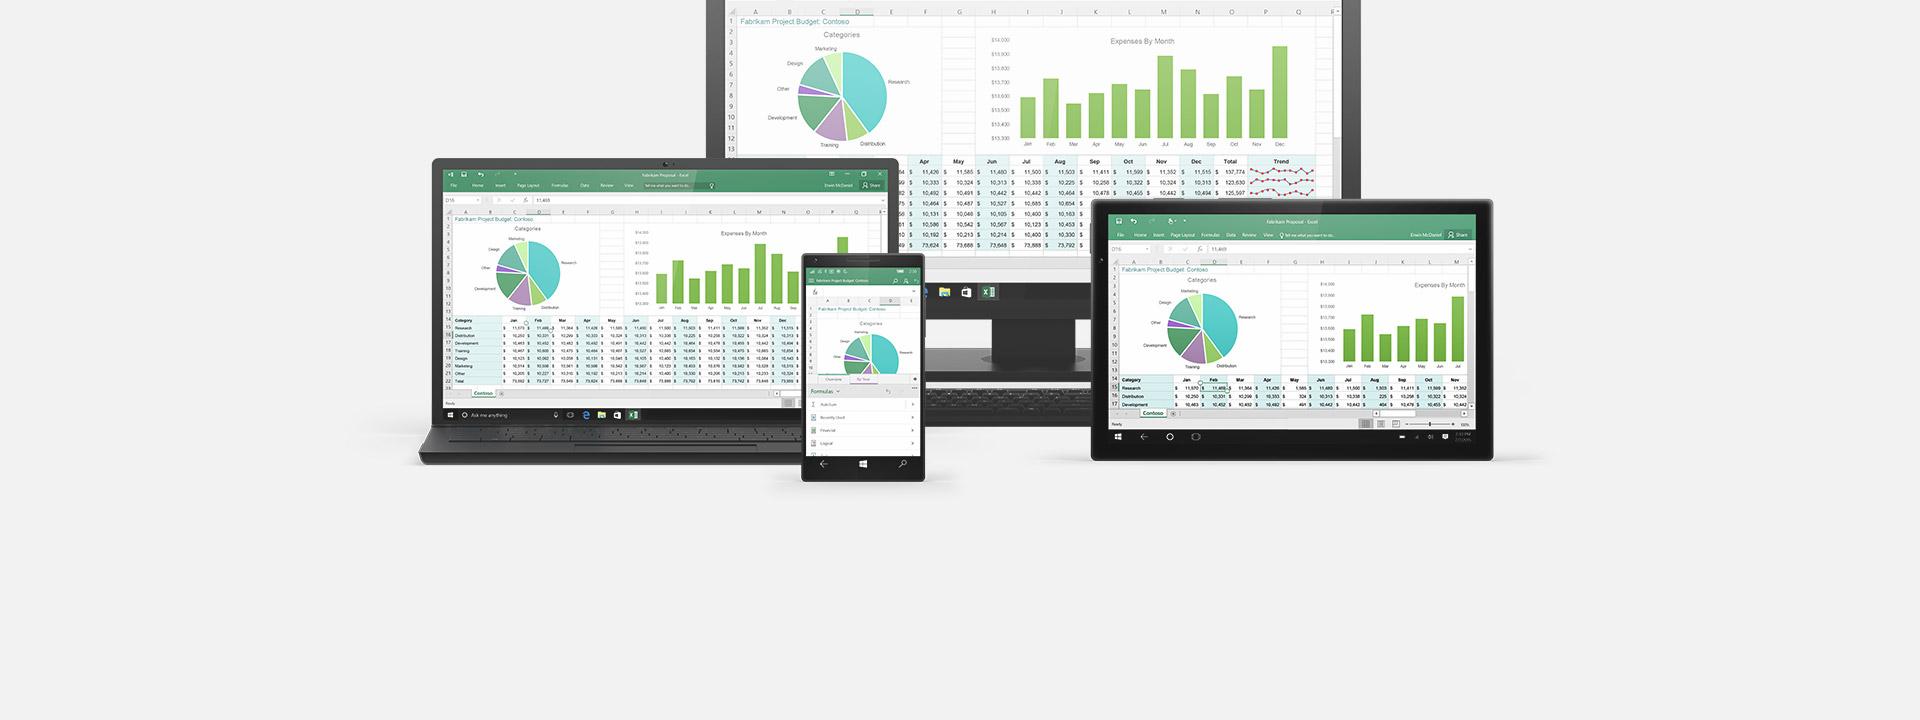 Diversos dispositivos, saiba mais sobre o Office 365